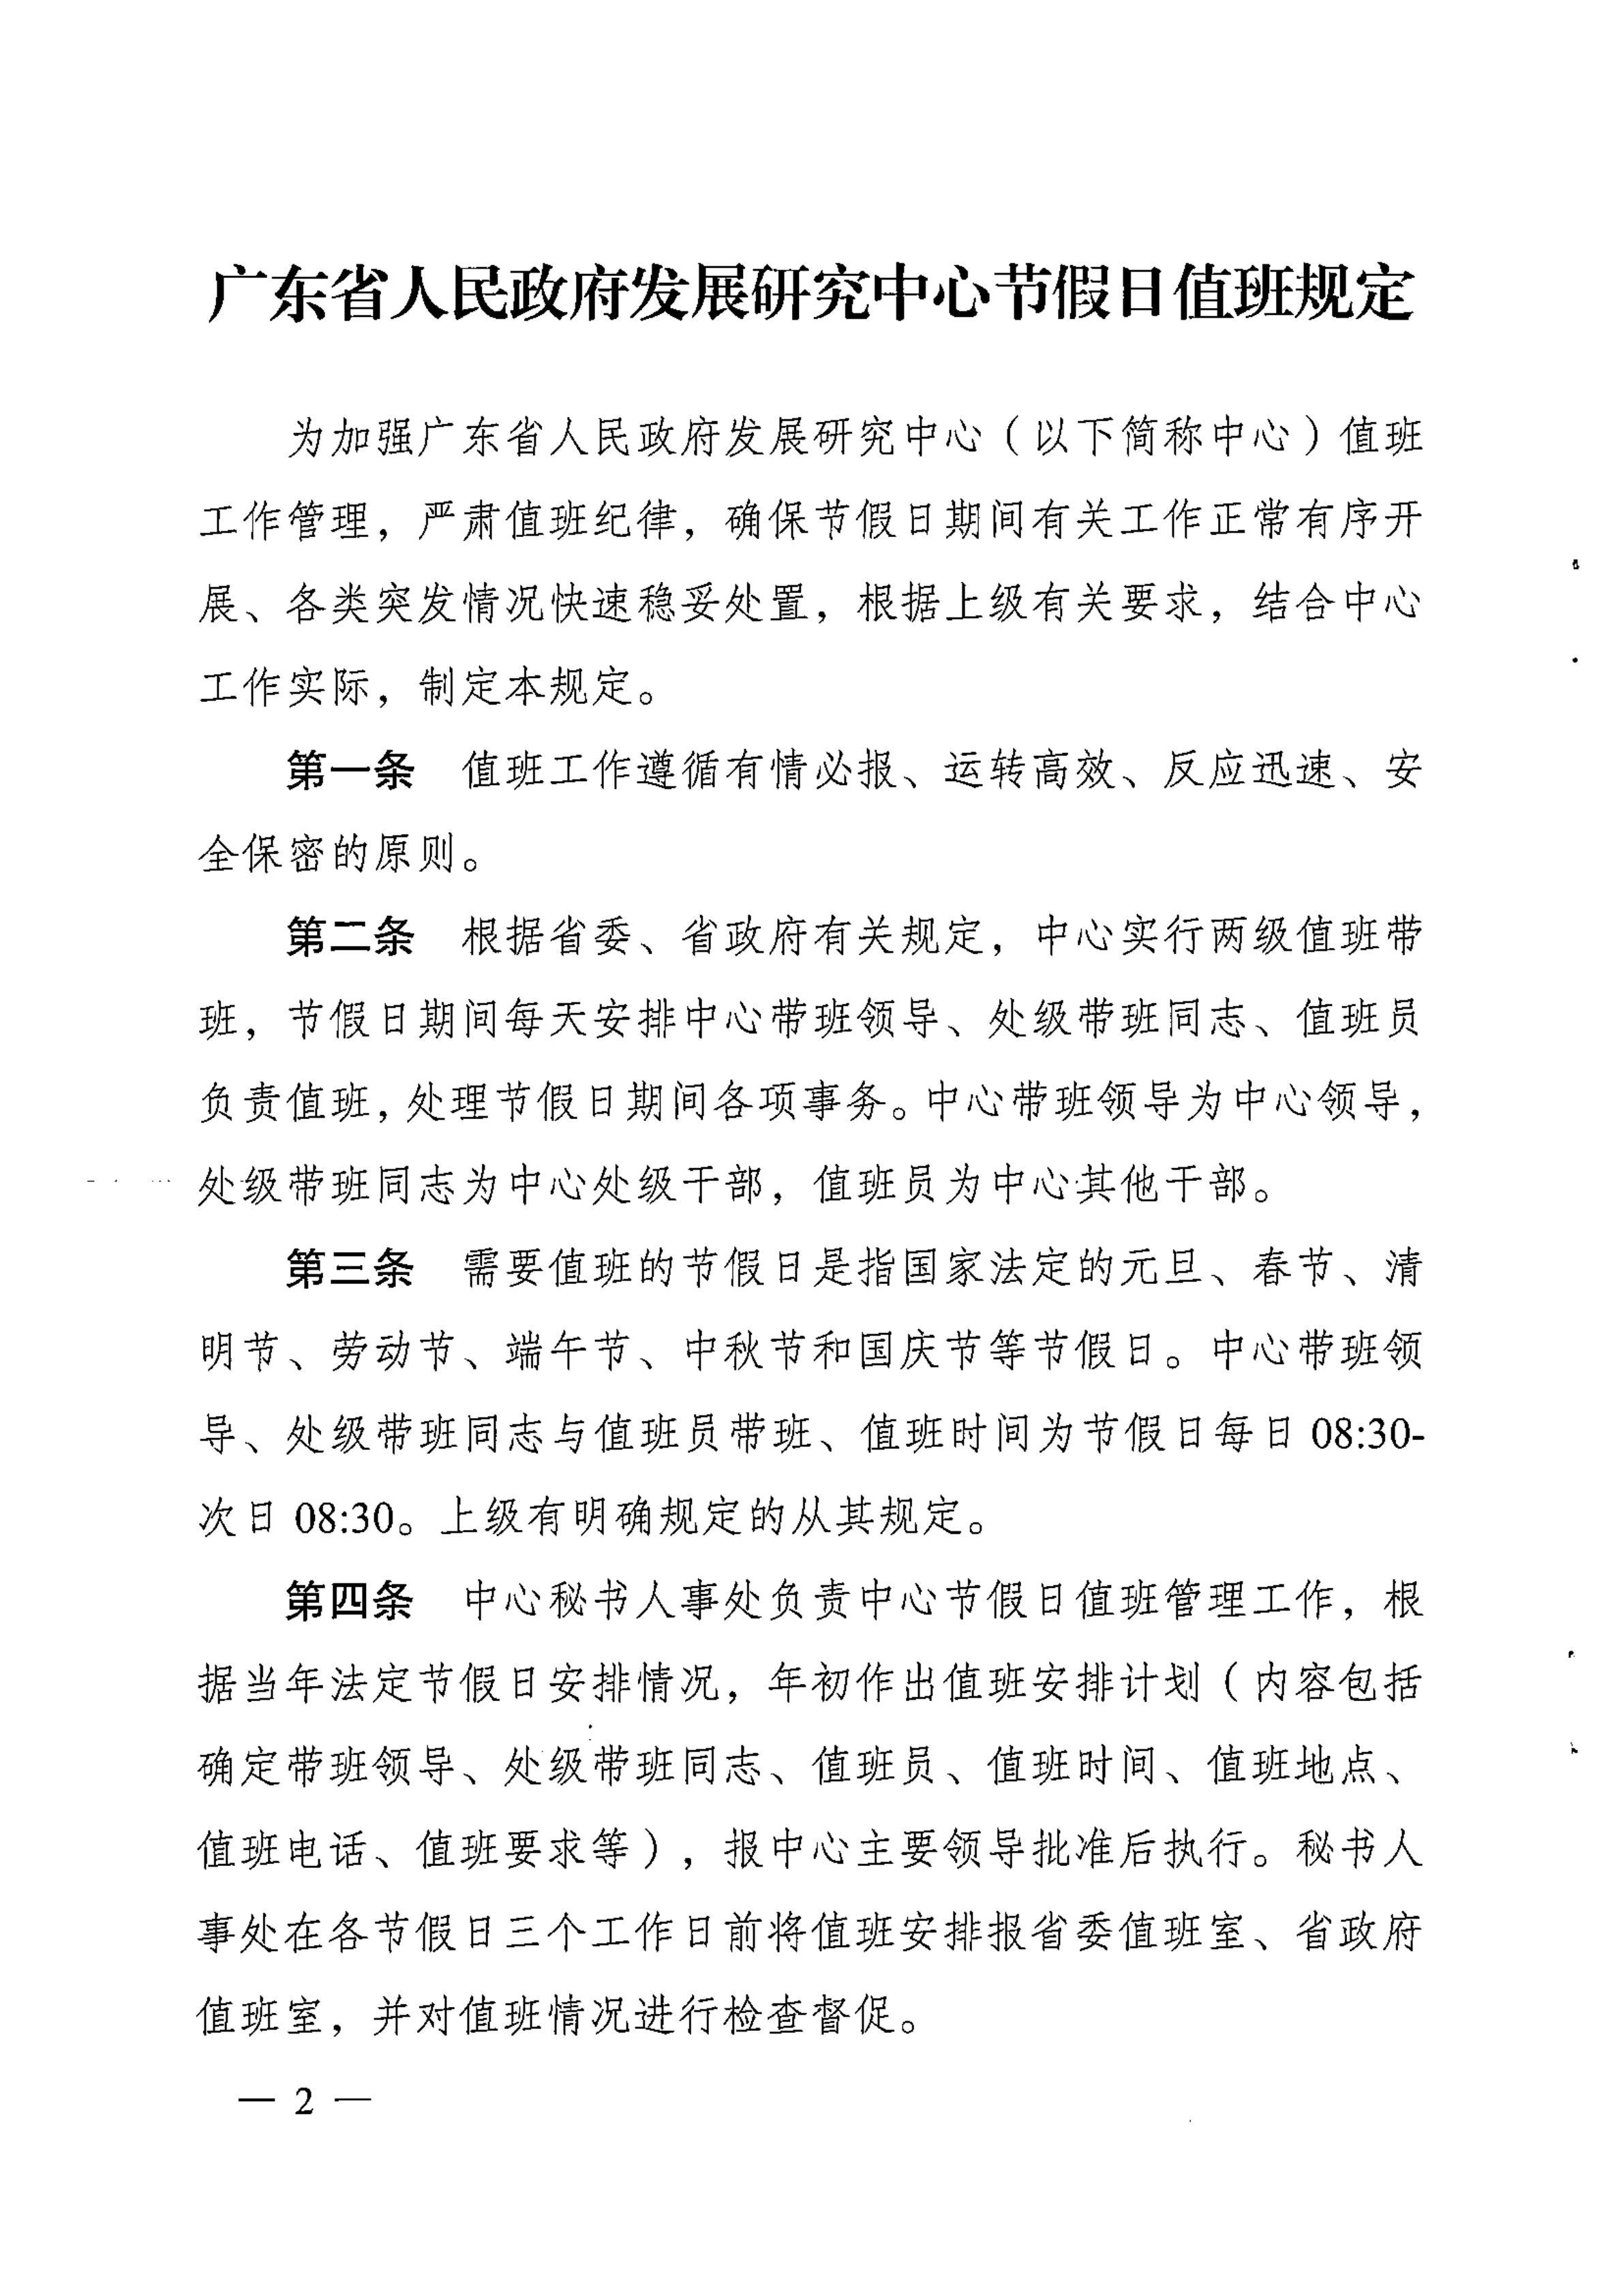 关于印发《广东省人民政府发展研究中心节假日值班规定》的通知_01.jpg